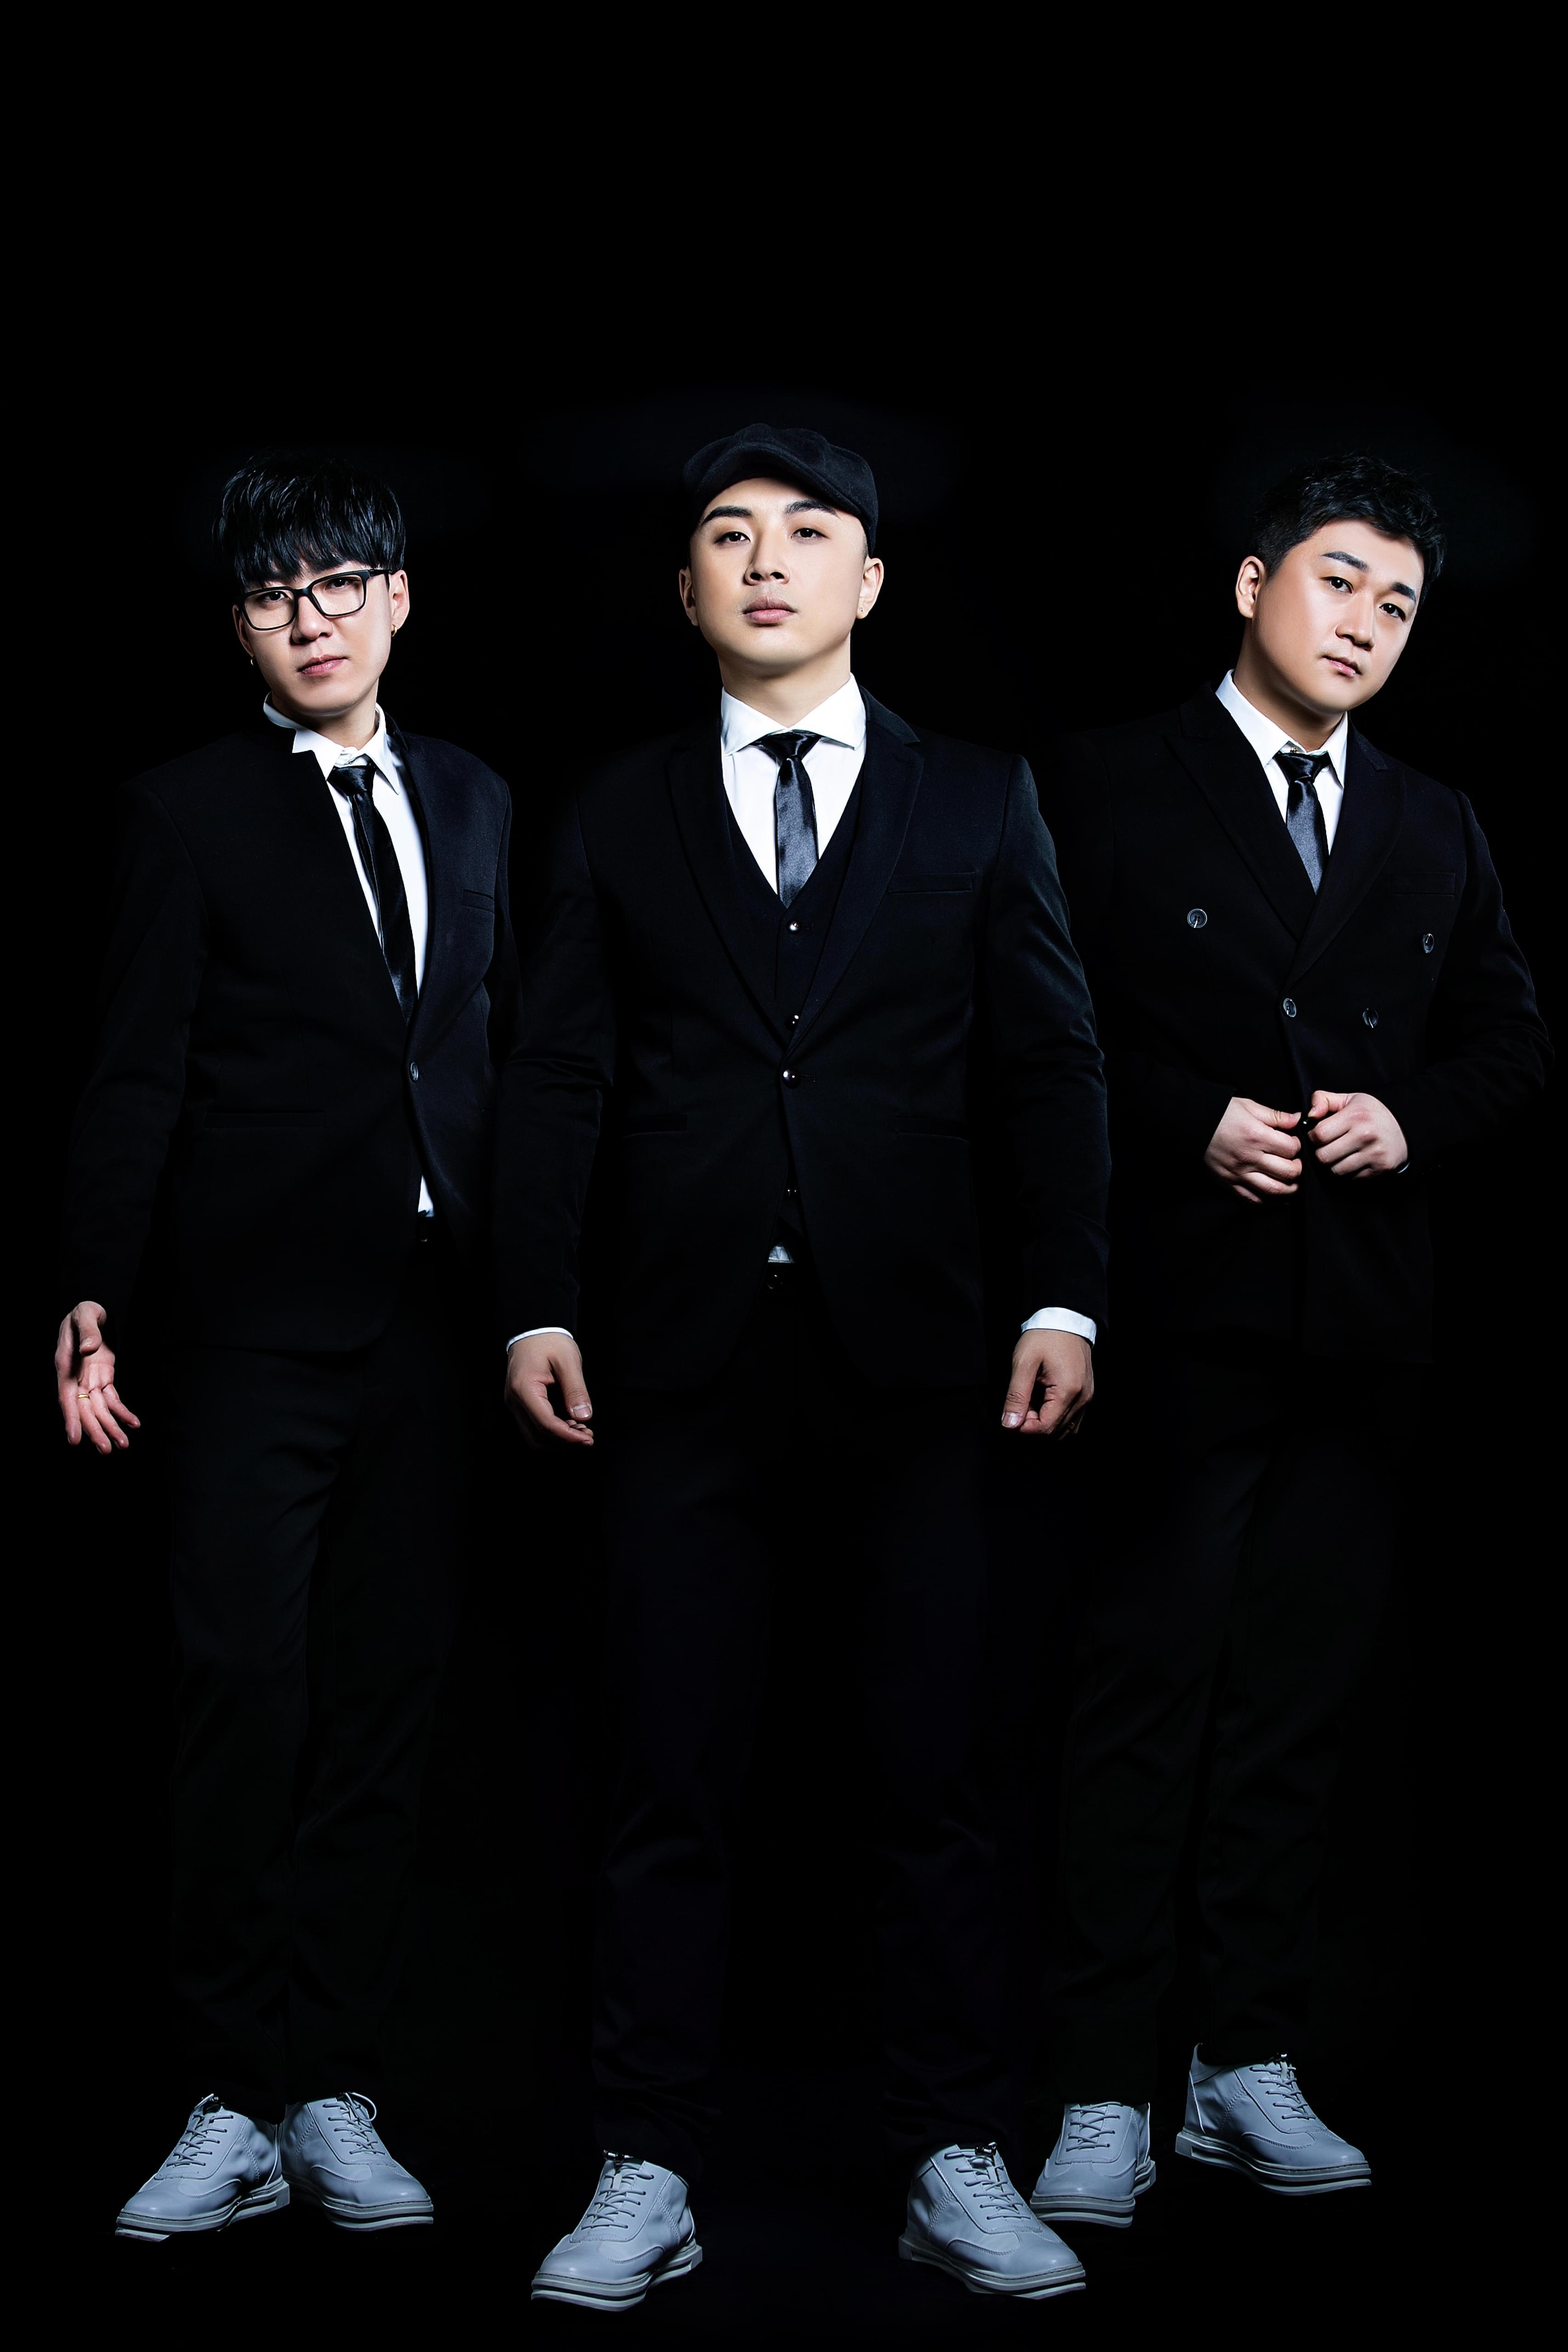 阿里郎组合热血重组  6月携新歌回归音乐初心